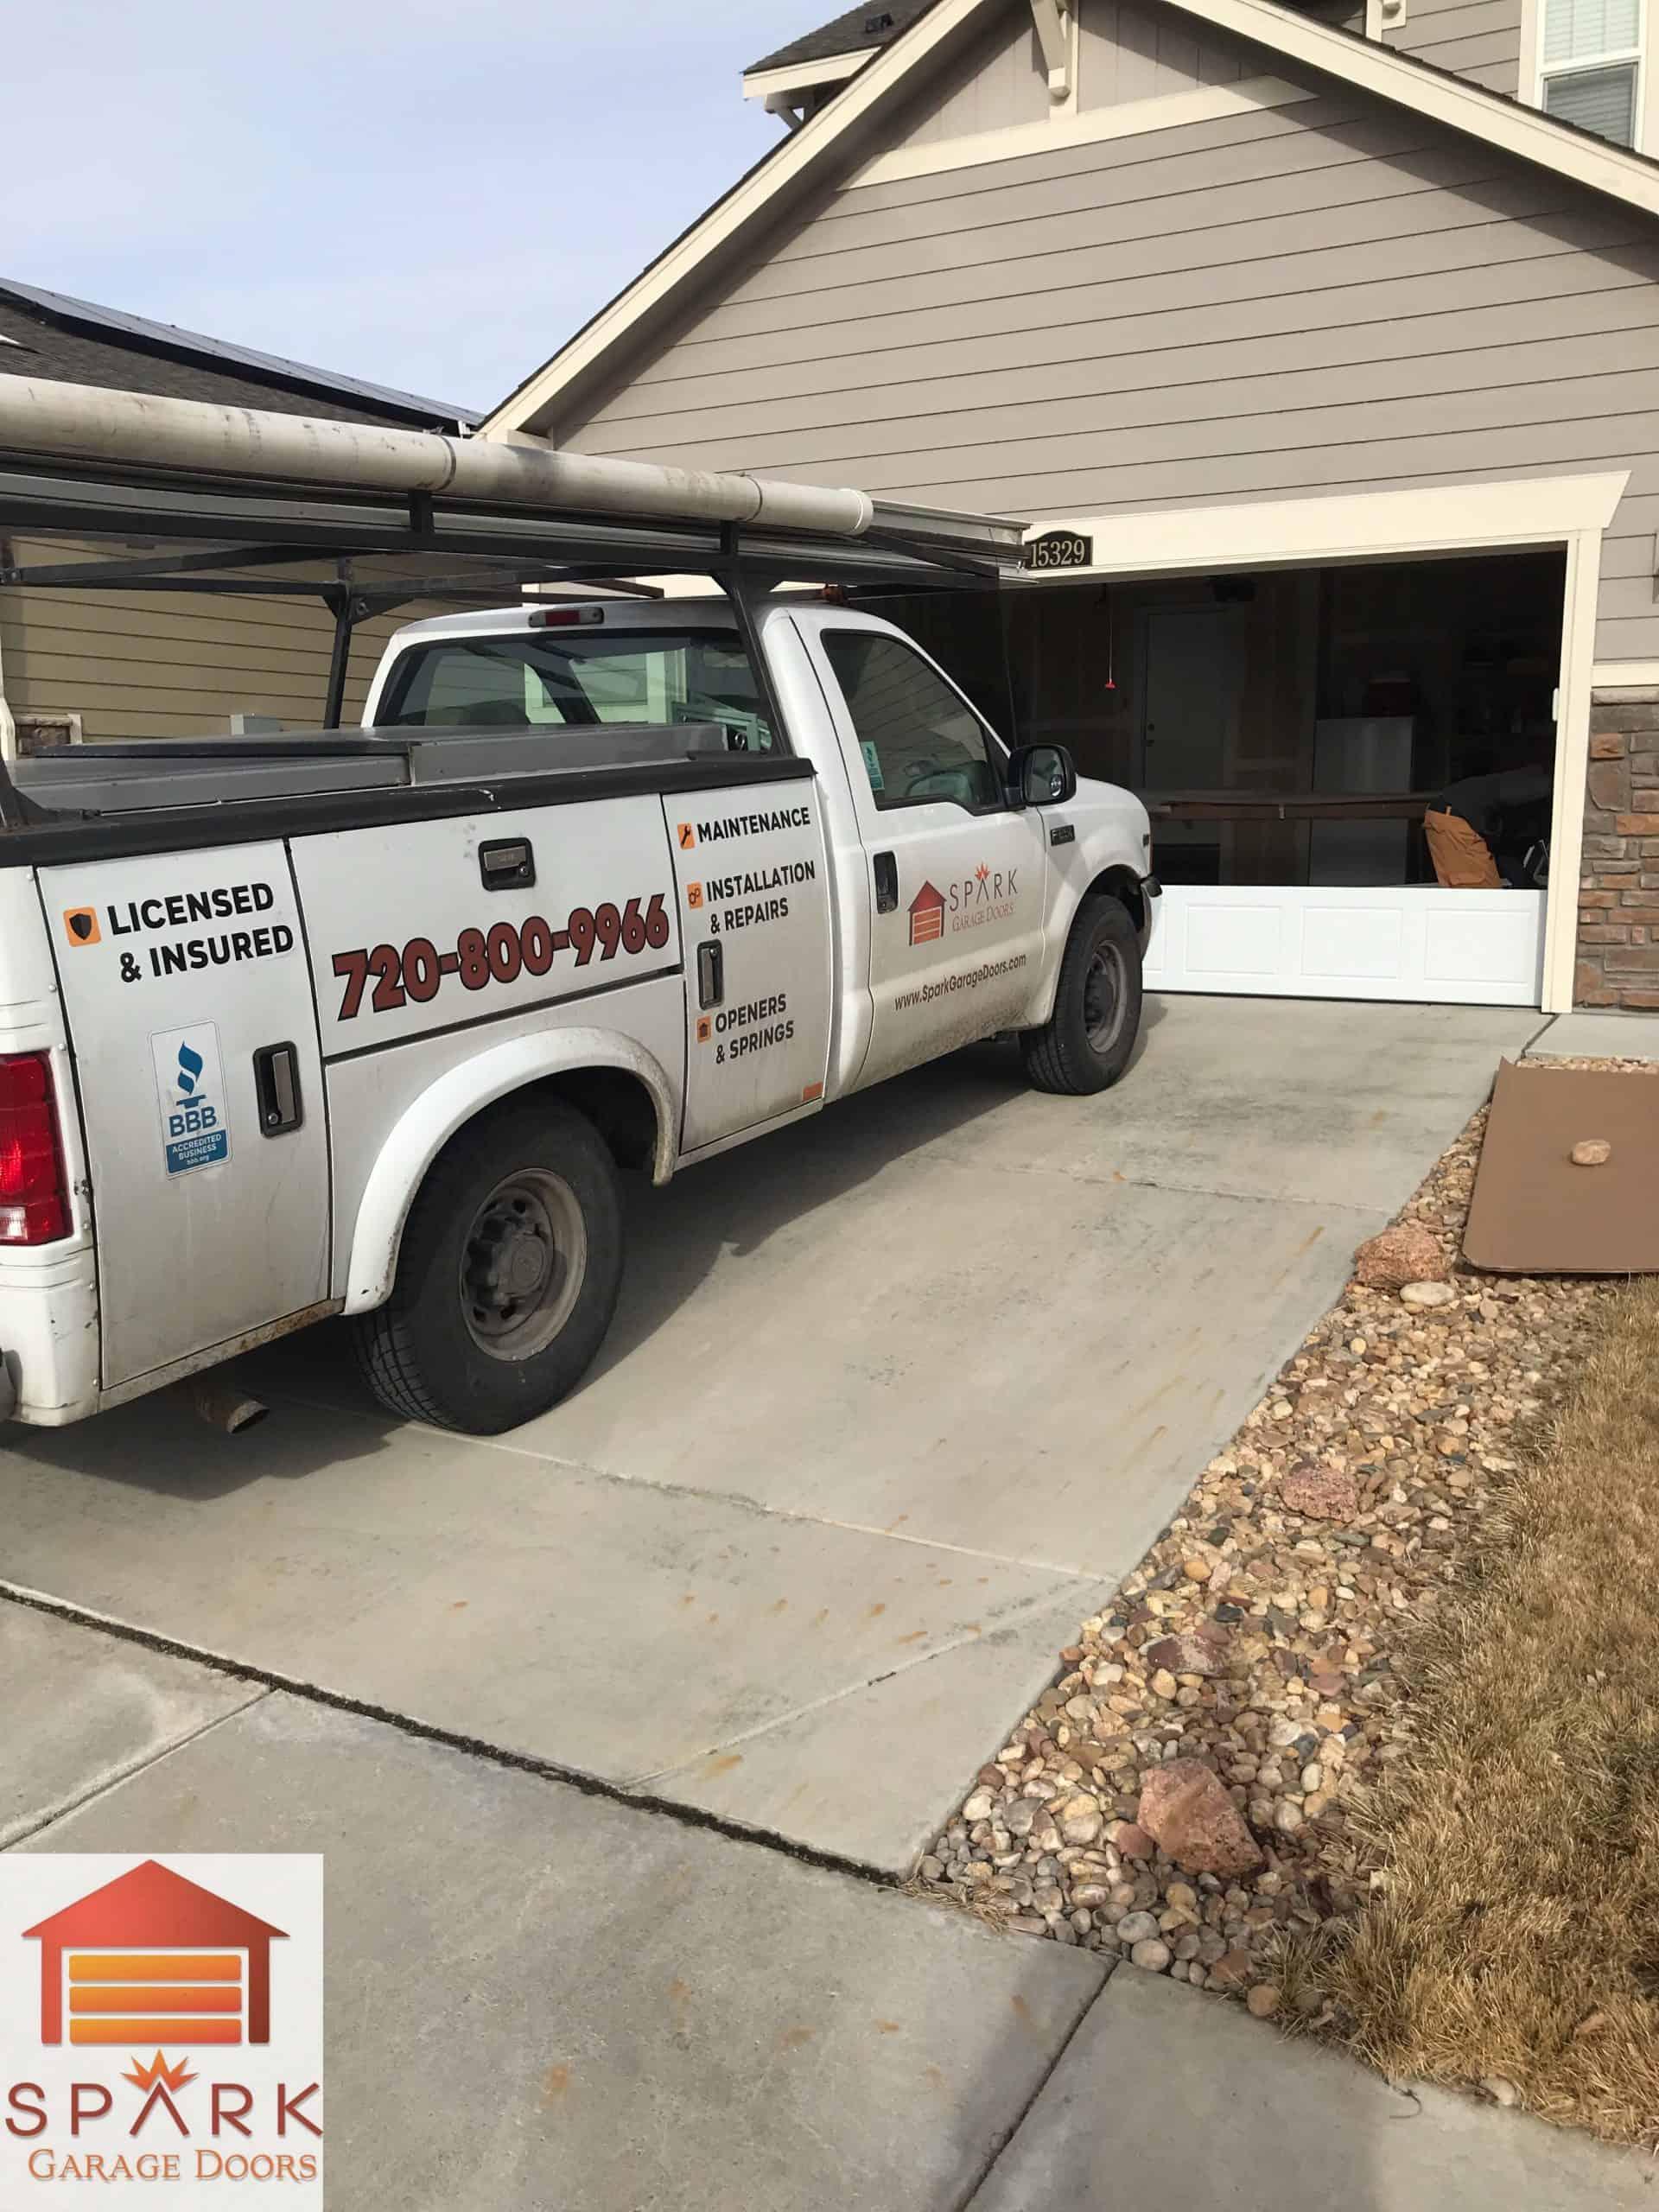 spark-garage-doors